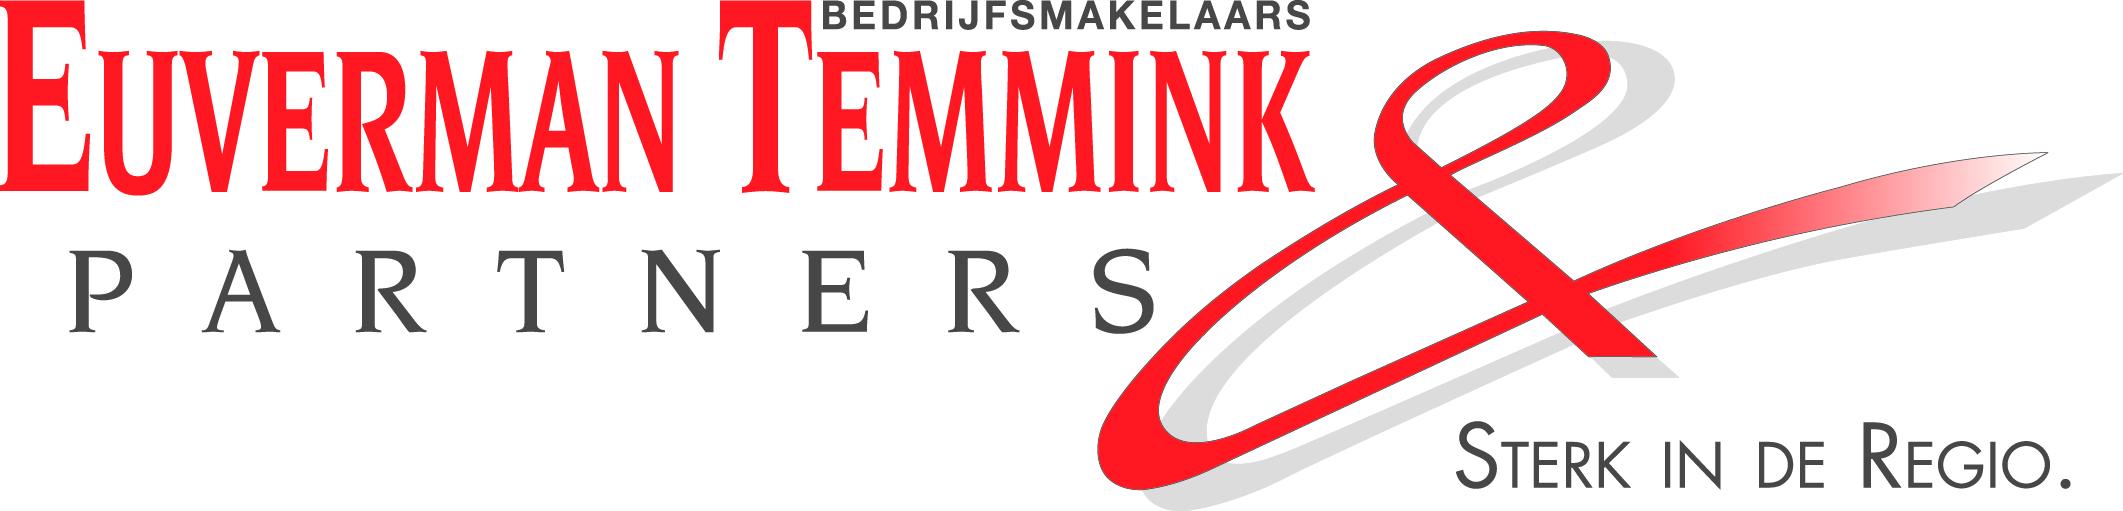 Logo Euverman Temmink & Partners Bedrijfsmakelaars